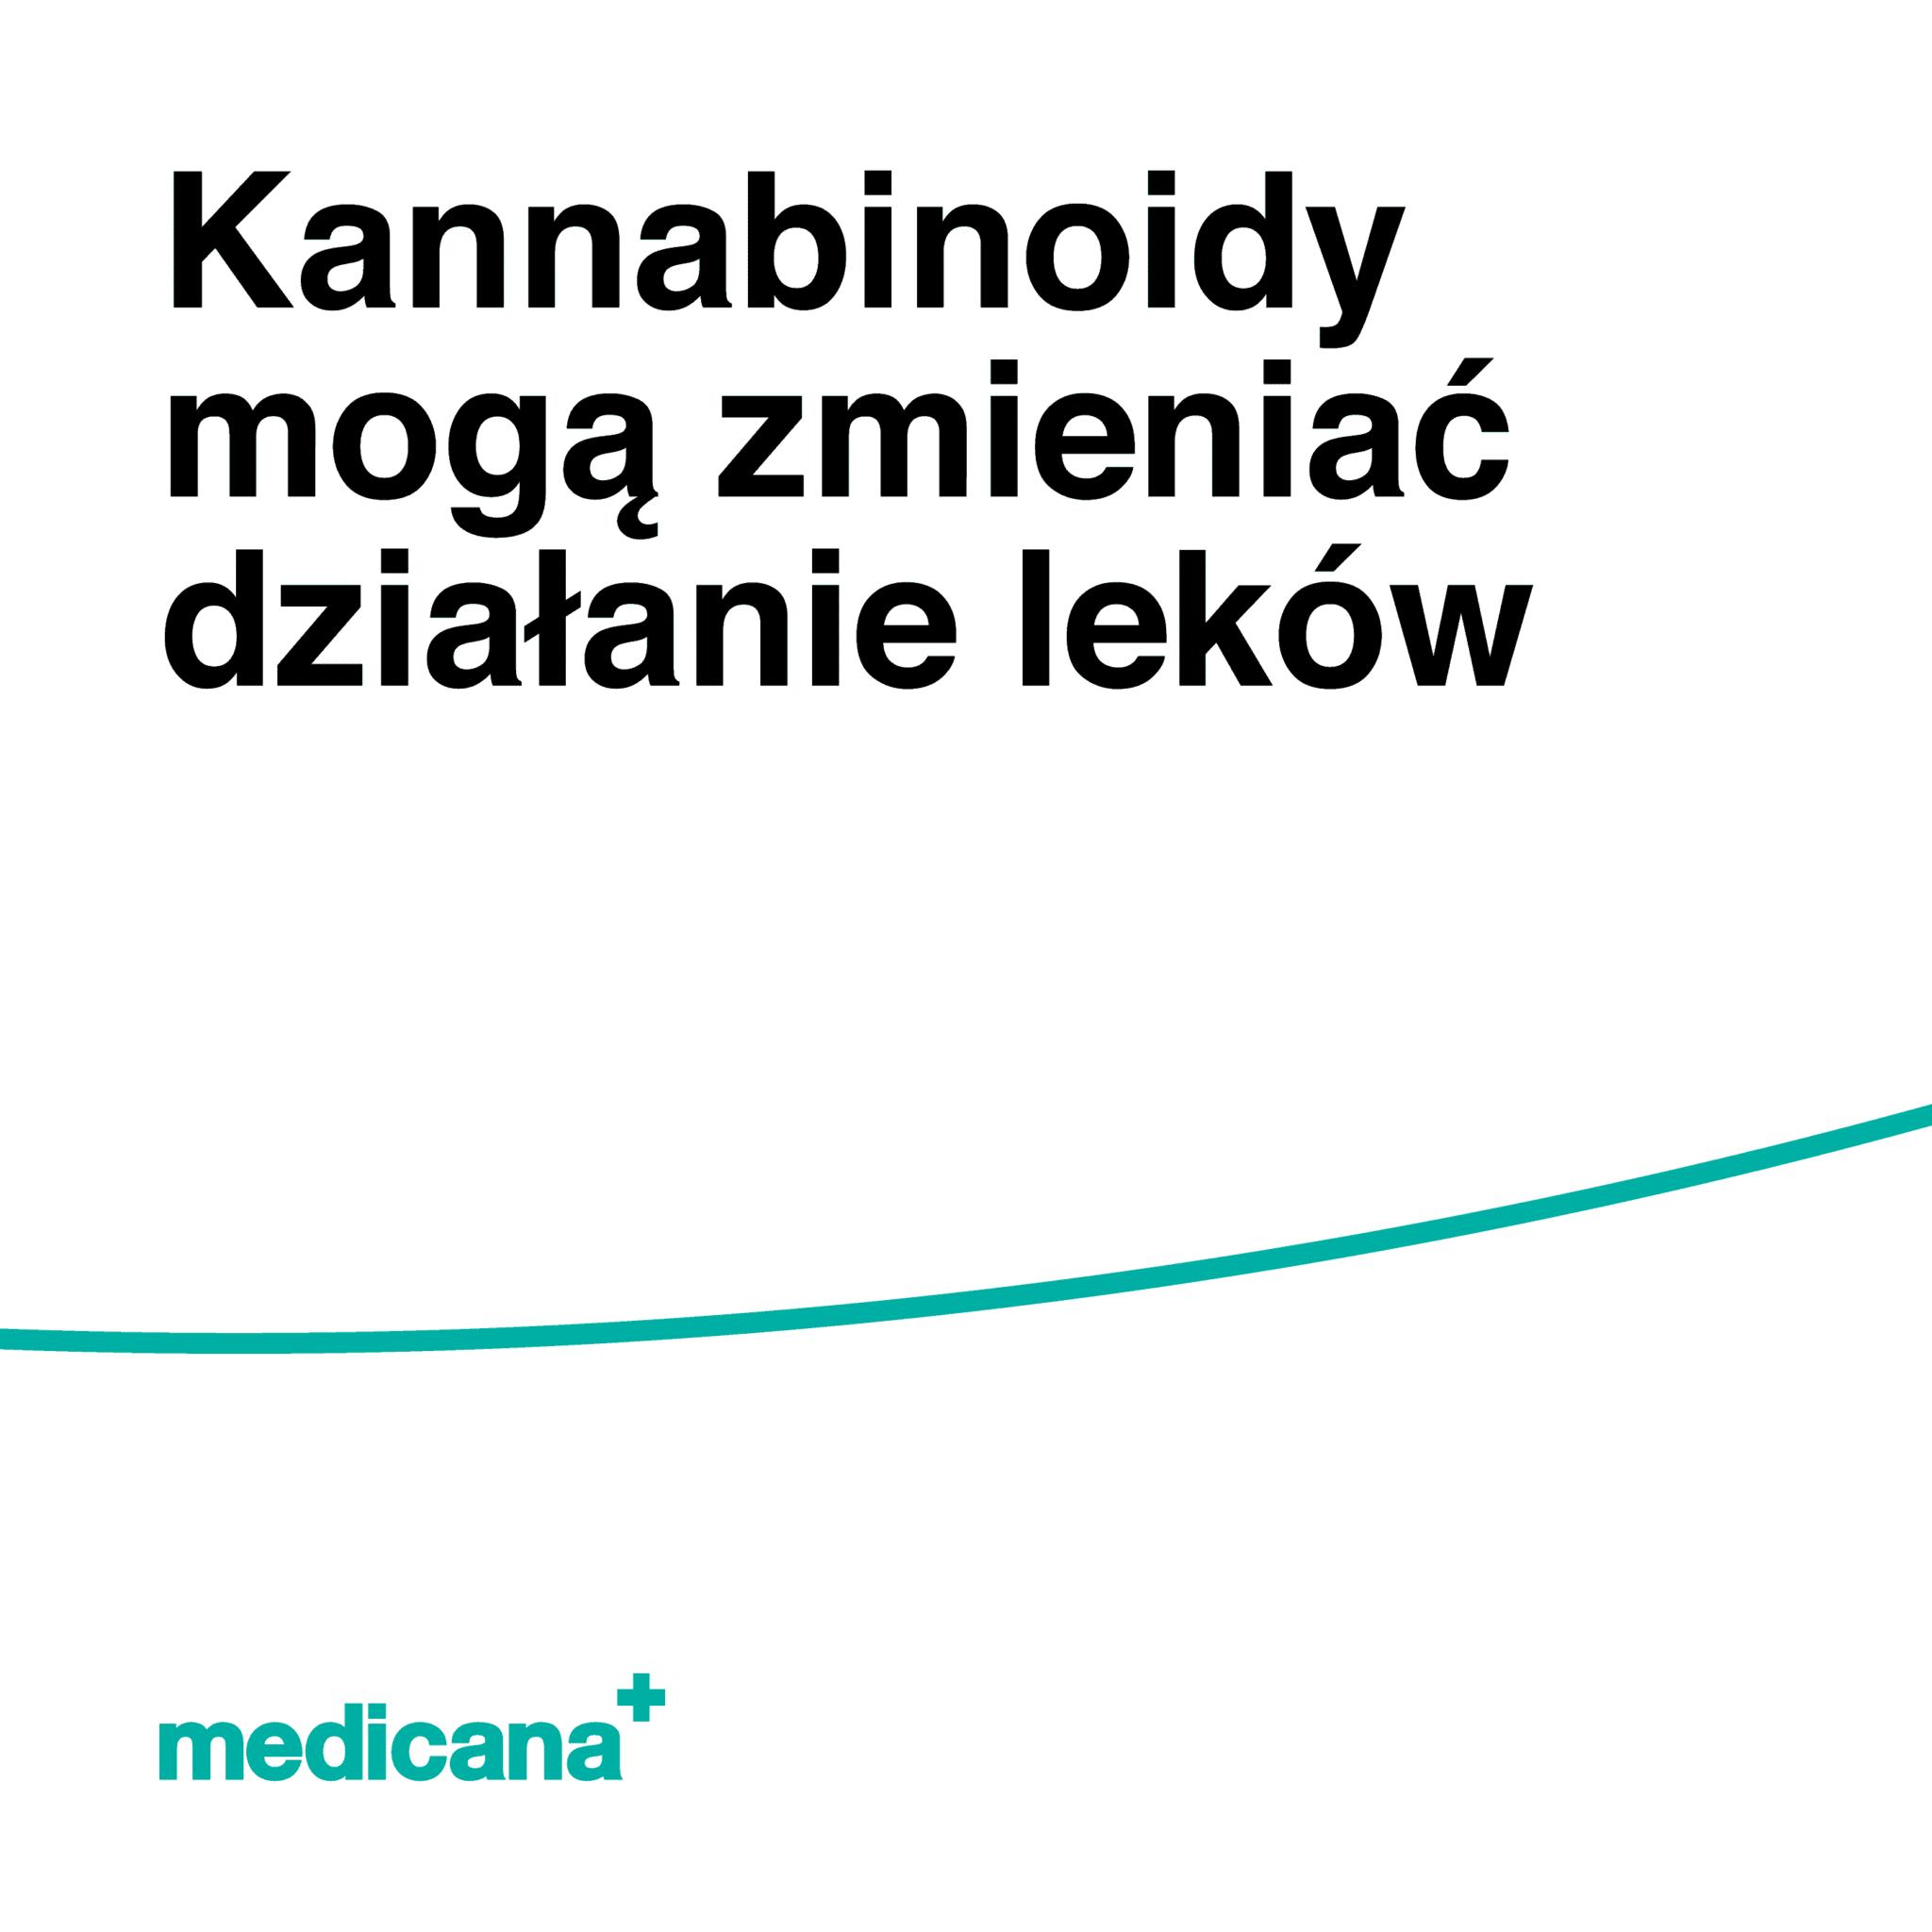 Grafika, białe tło z zieloną kreską i czarnym napisem Kannabinoidy mogą zmieniać działanie leków oraz zielonym logo Medicana w lewym dolnym rogu.